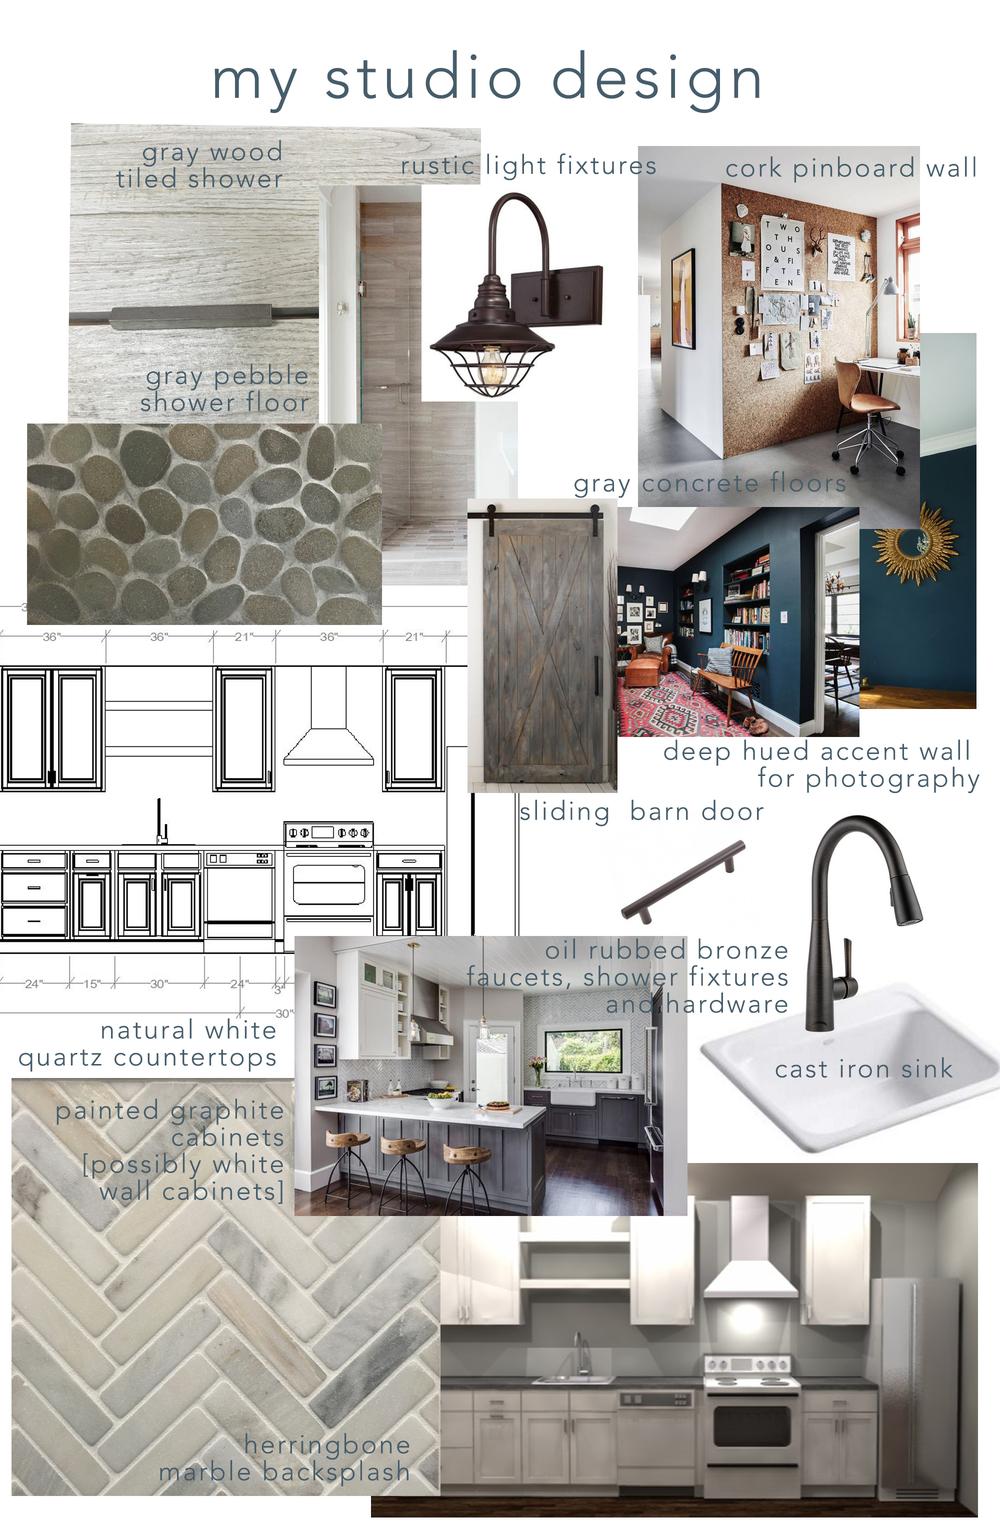 My Studio Design Ideas: modern rustic style — A Simpler Design: a ...